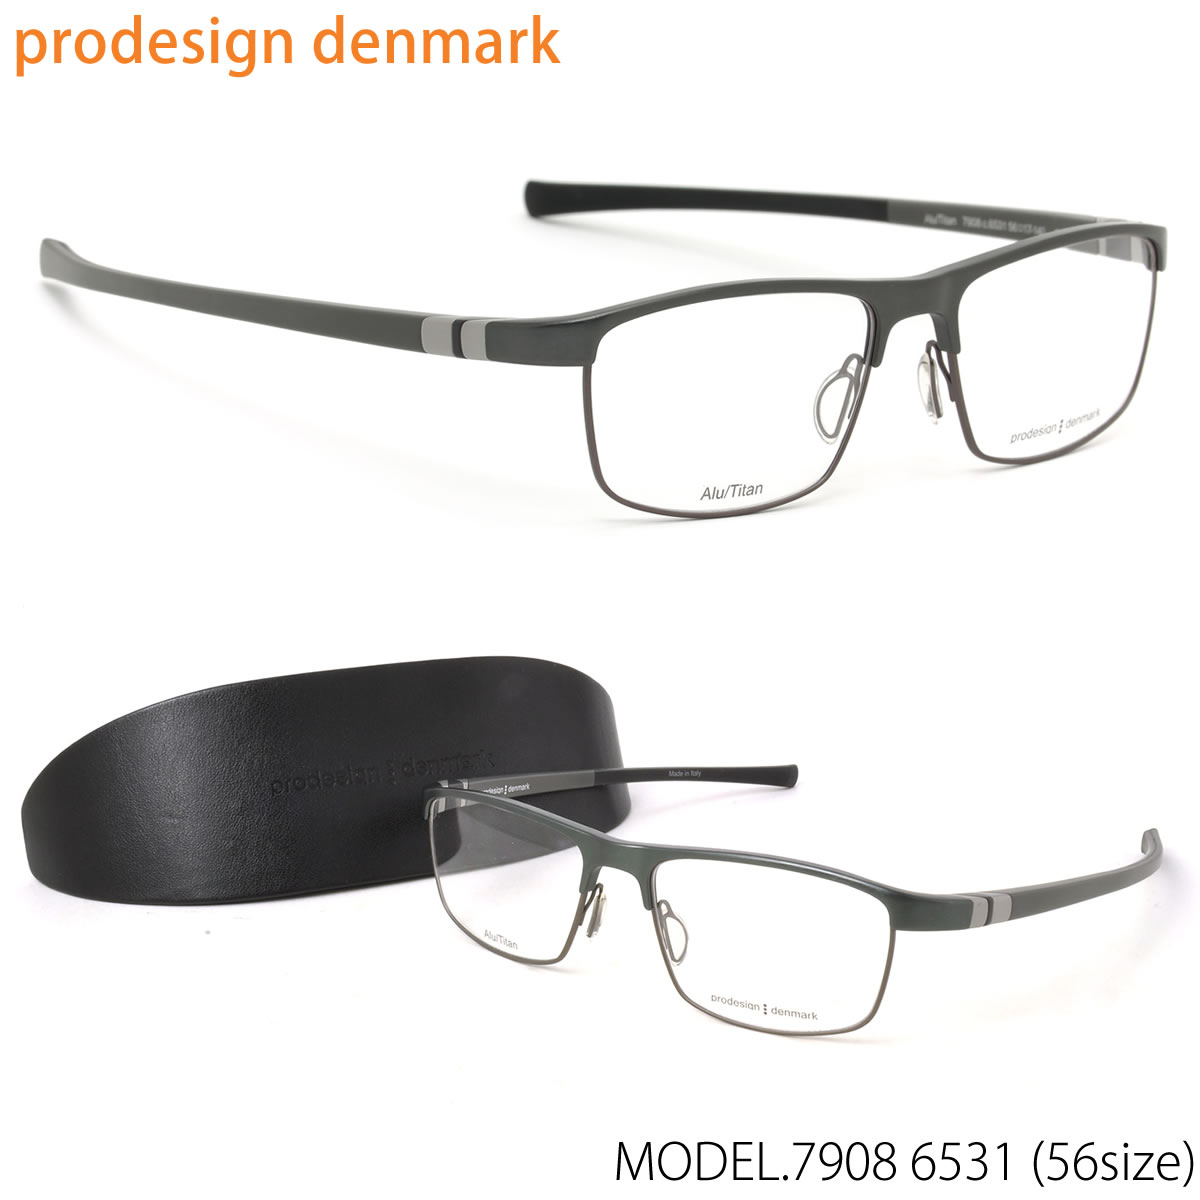 【10月30日からエントリーで全品ポイント20倍】prodesign:denmark(プロデザインデンマーク) メガネ フレーム 7908 6531 56 北欧 アイウェアオブザイヤー 伊達メガネレンズ無料 プロデザインデンマーク prodesign:denmark メンズ レディース【LOS30】